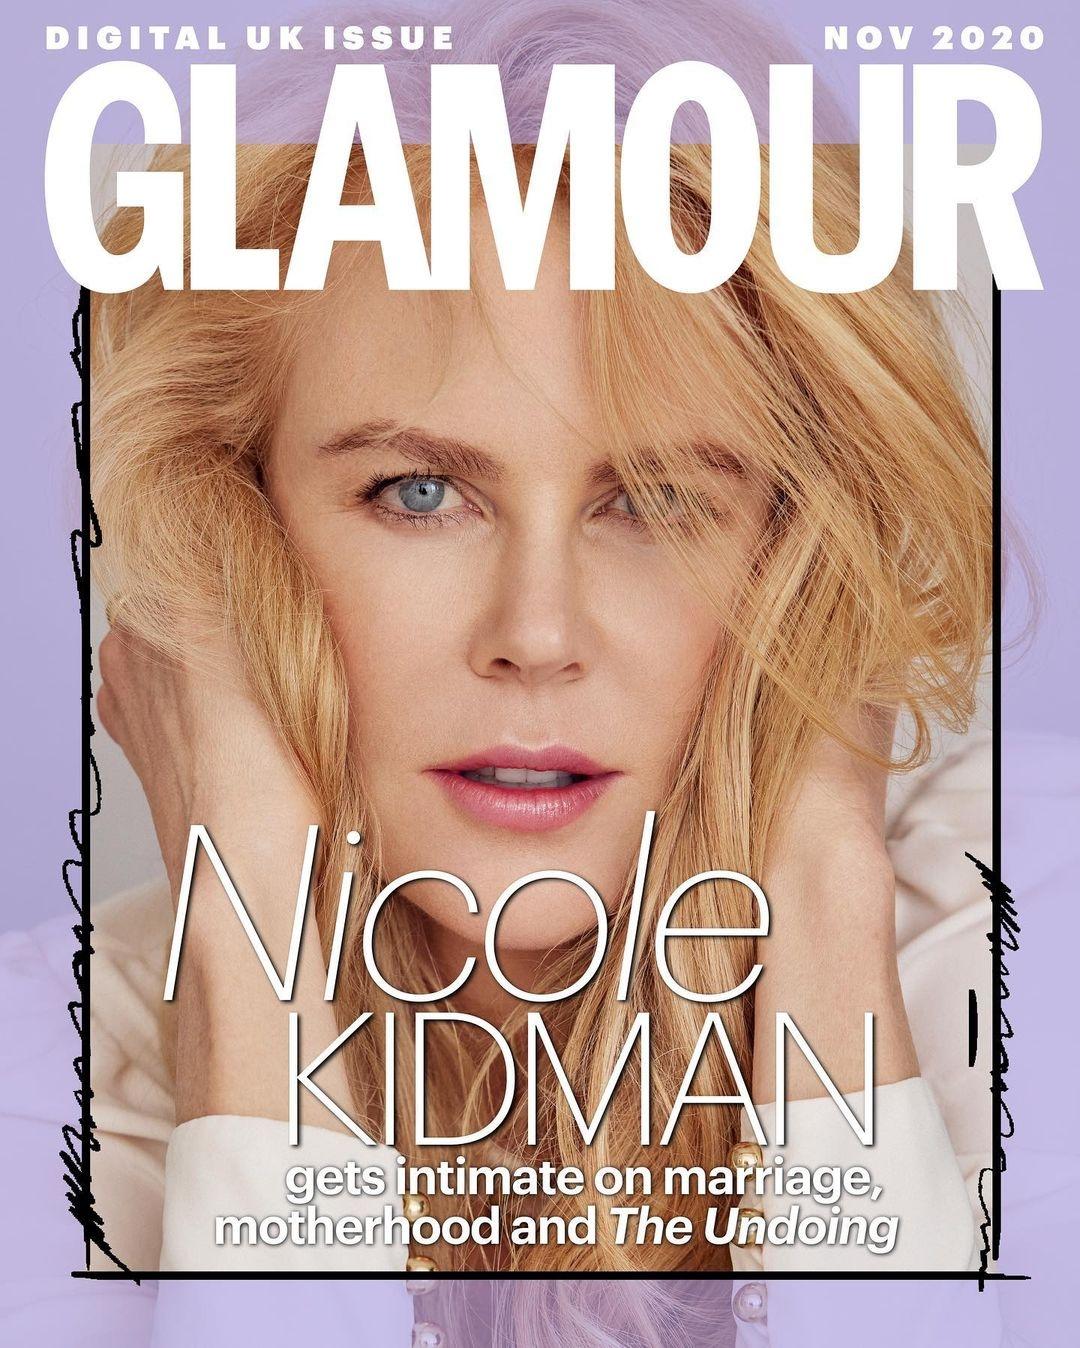 Николь Кидман украсила обложку Glamour и рассказала о комплексах в подростковом возрасте (ФОТО) - фото №1